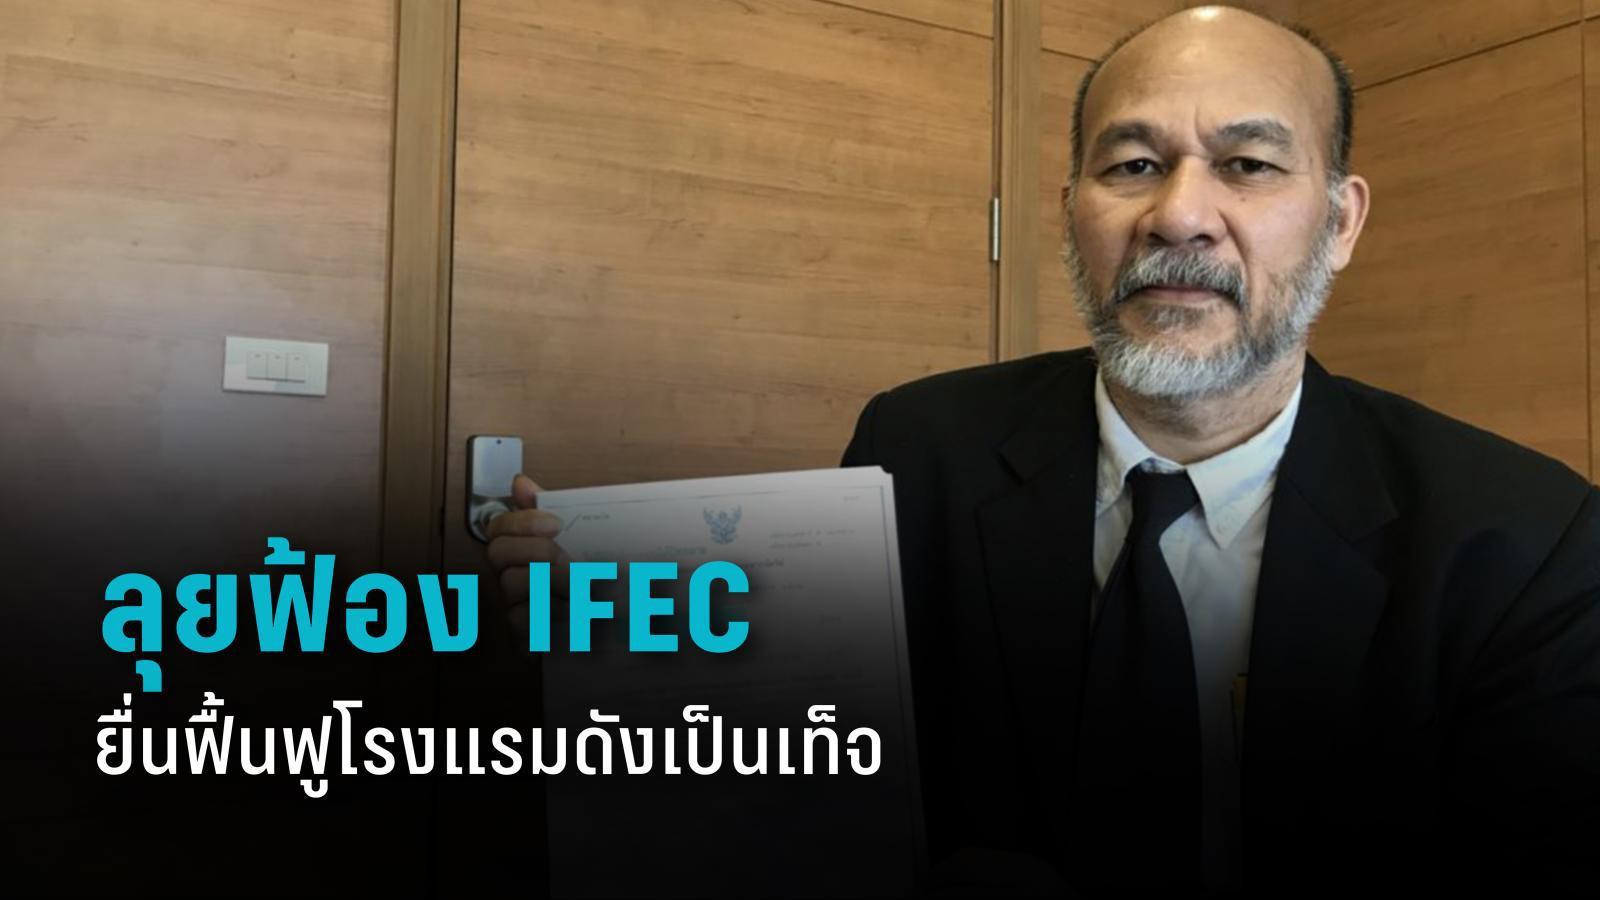 ลุยฟ้อง IFEC ยื่นฟื้นฟูโรงแรมดังกลางเชียงใหม่เป็นเท็จ